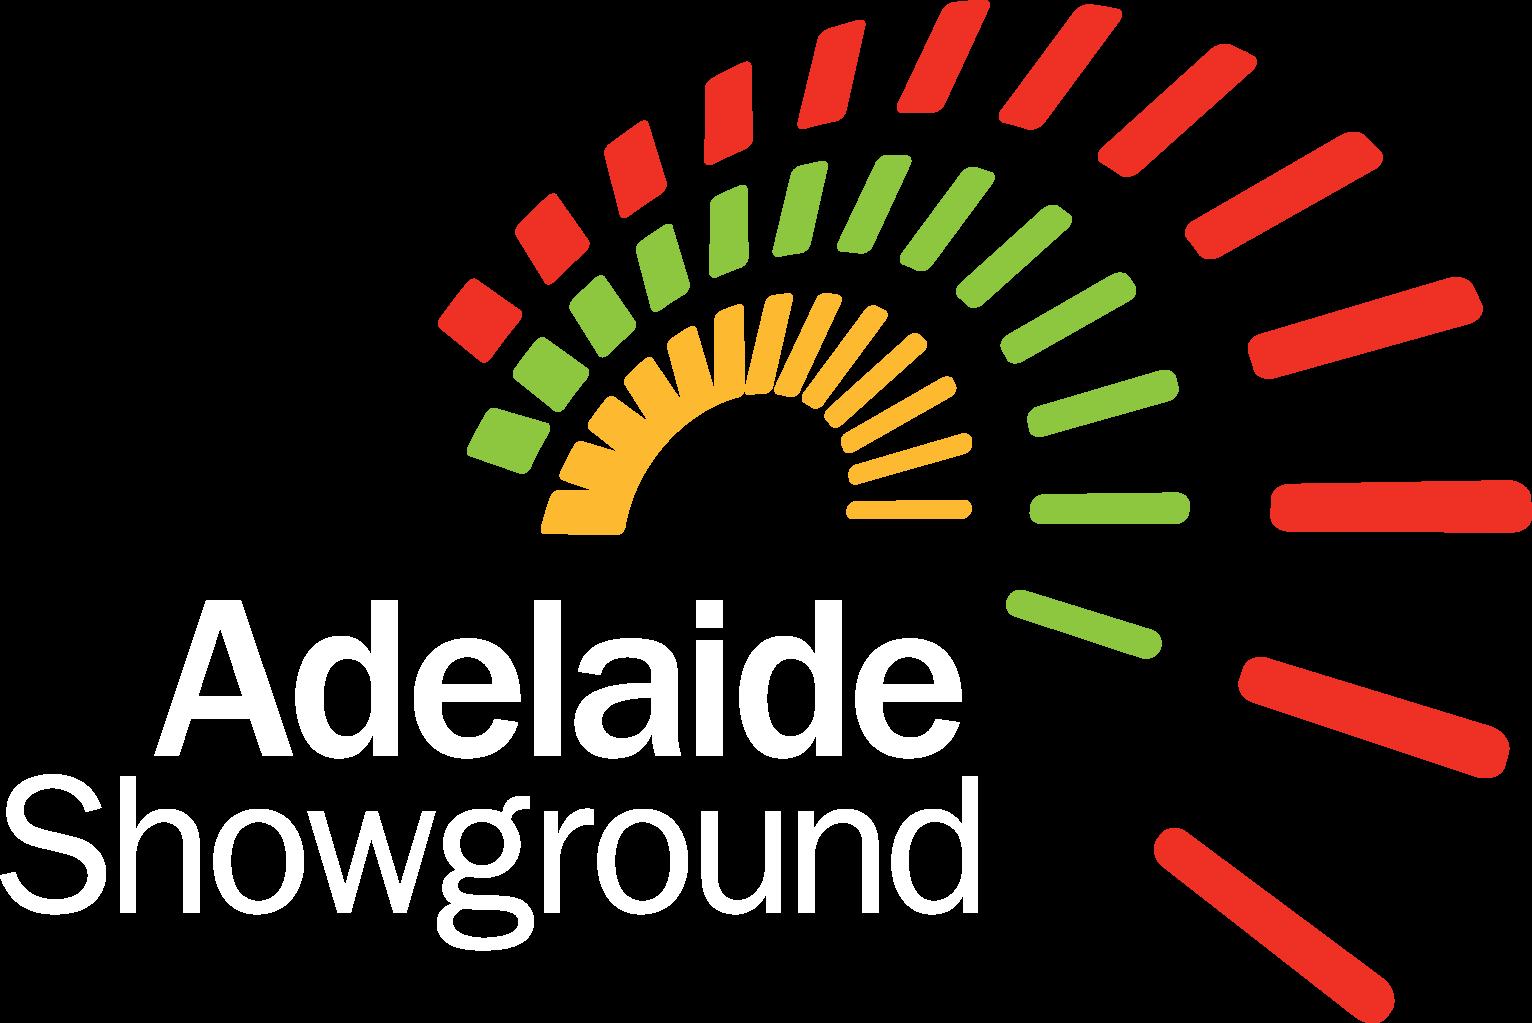 Adelaide Showground transparent